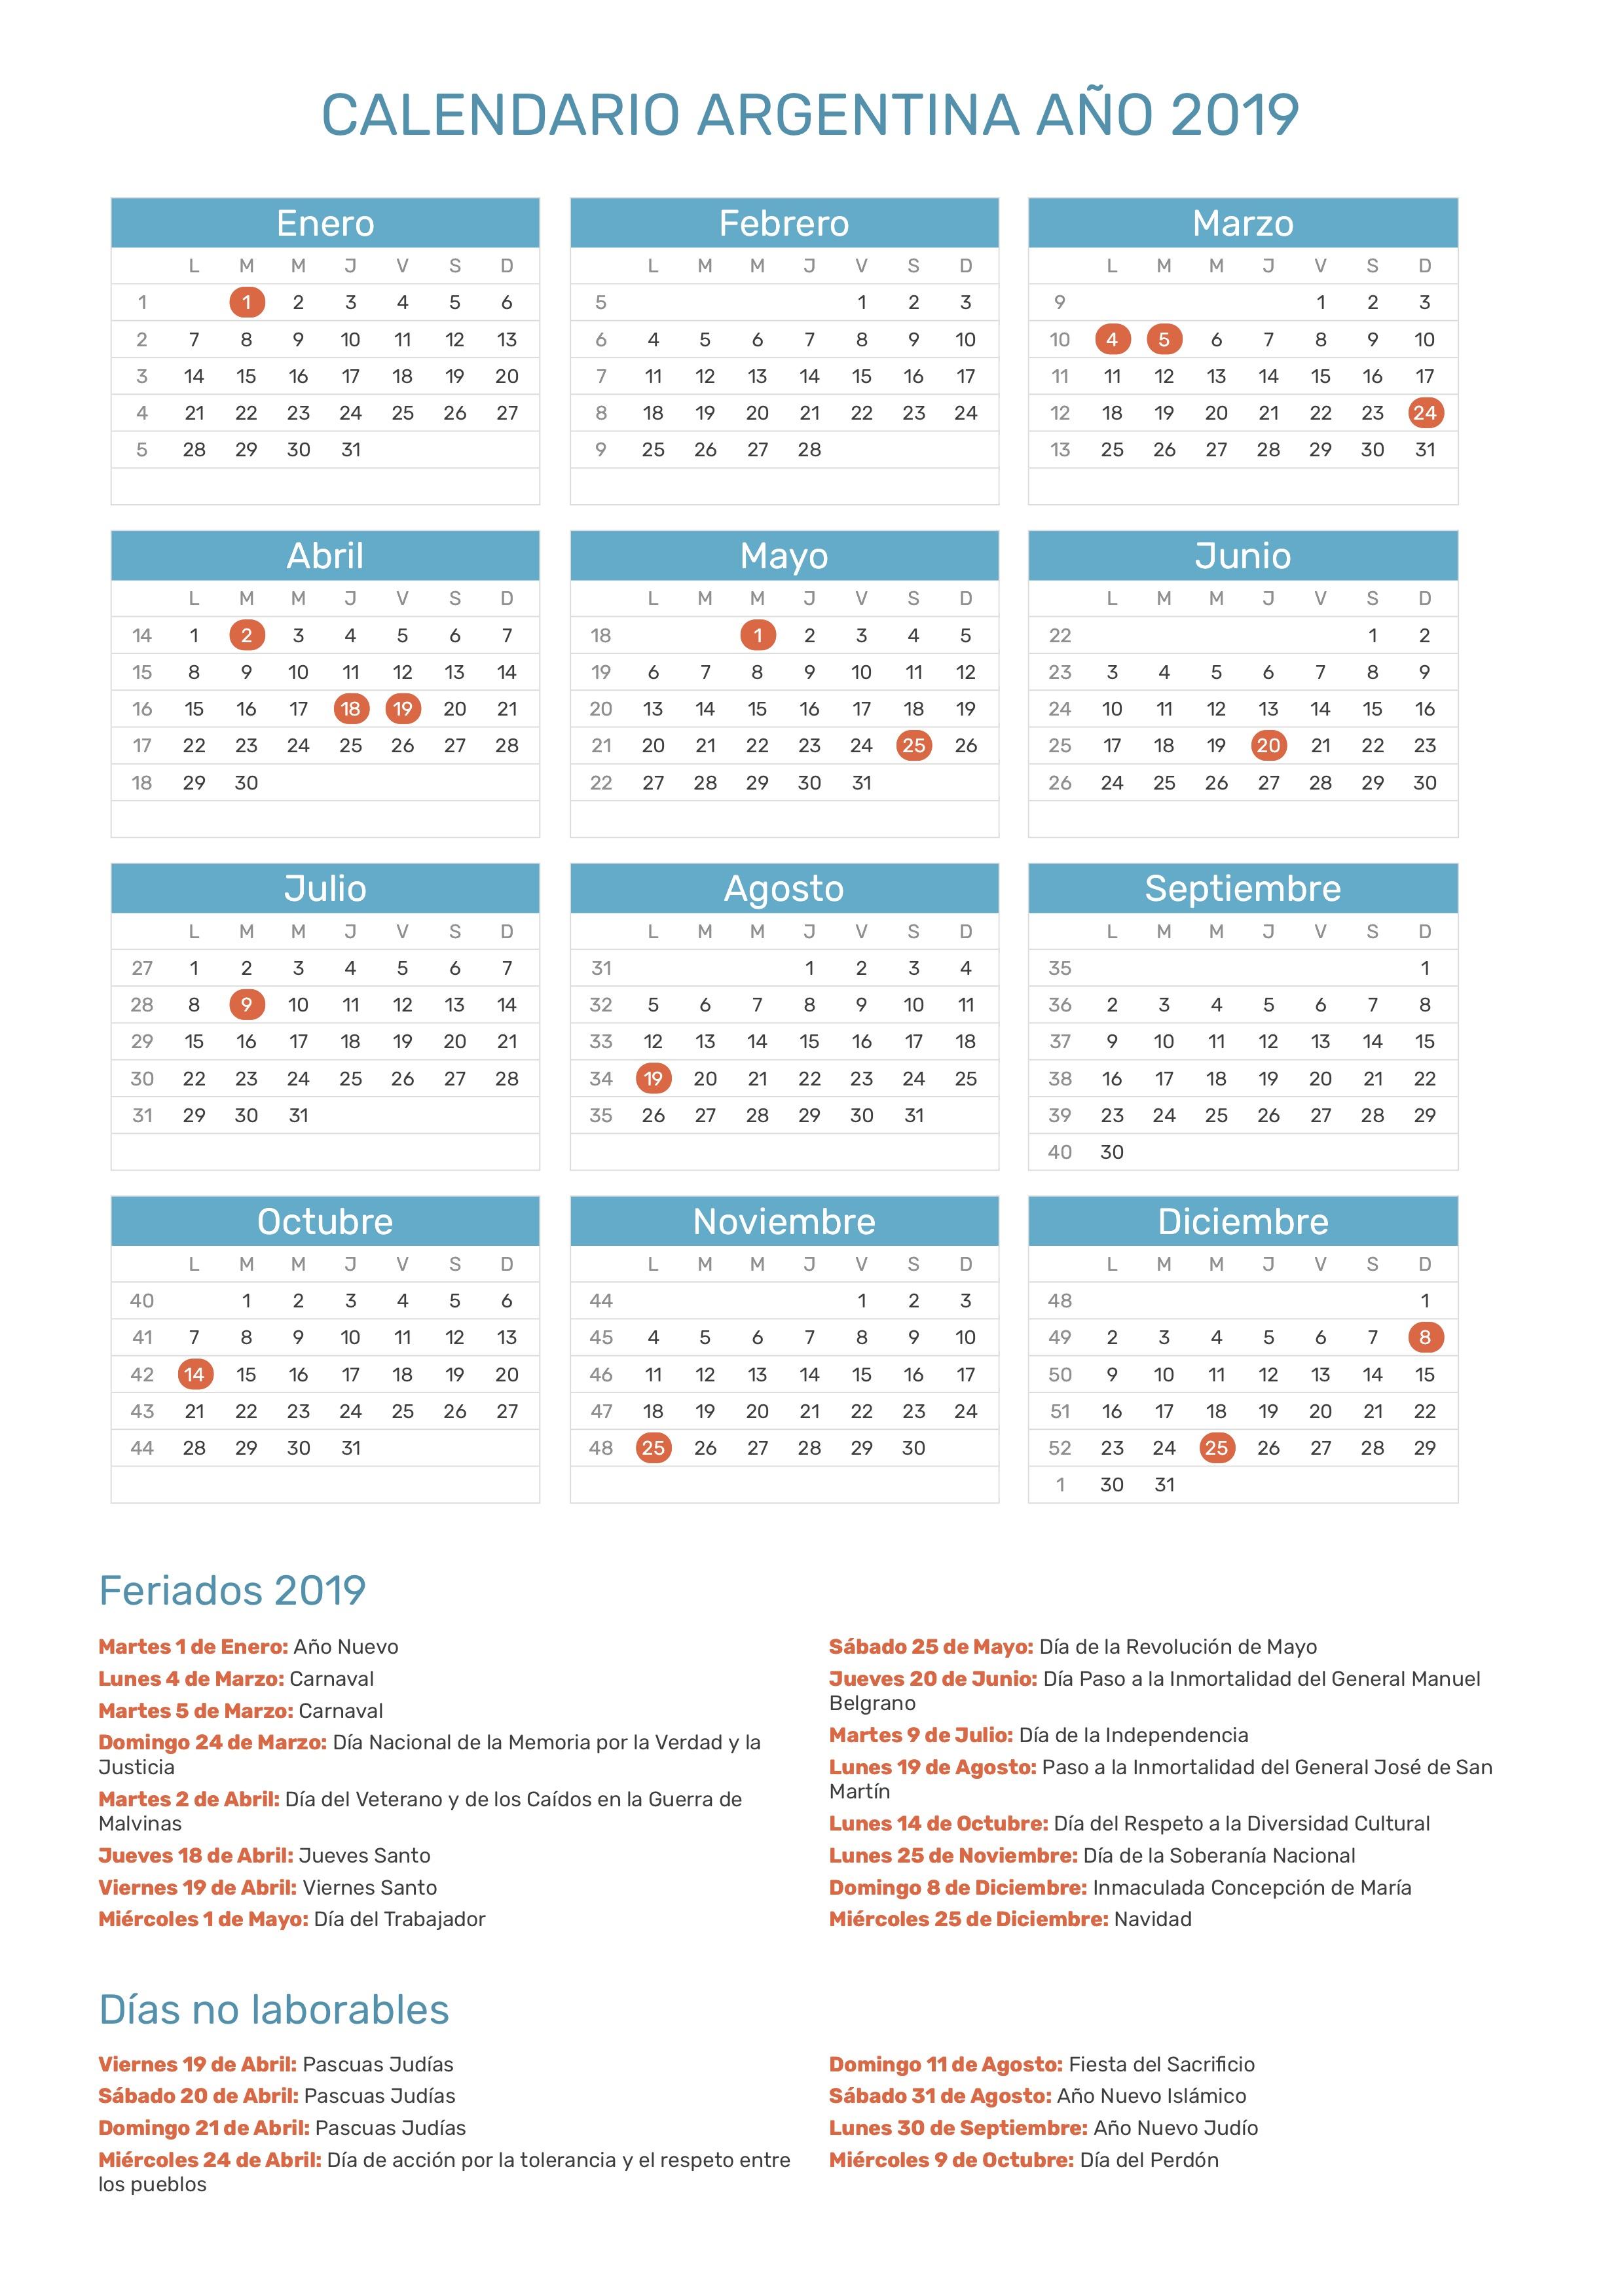 Calendario Agosto 2020 Argentina.Calendario De Argentina Ano 2019 Feriados